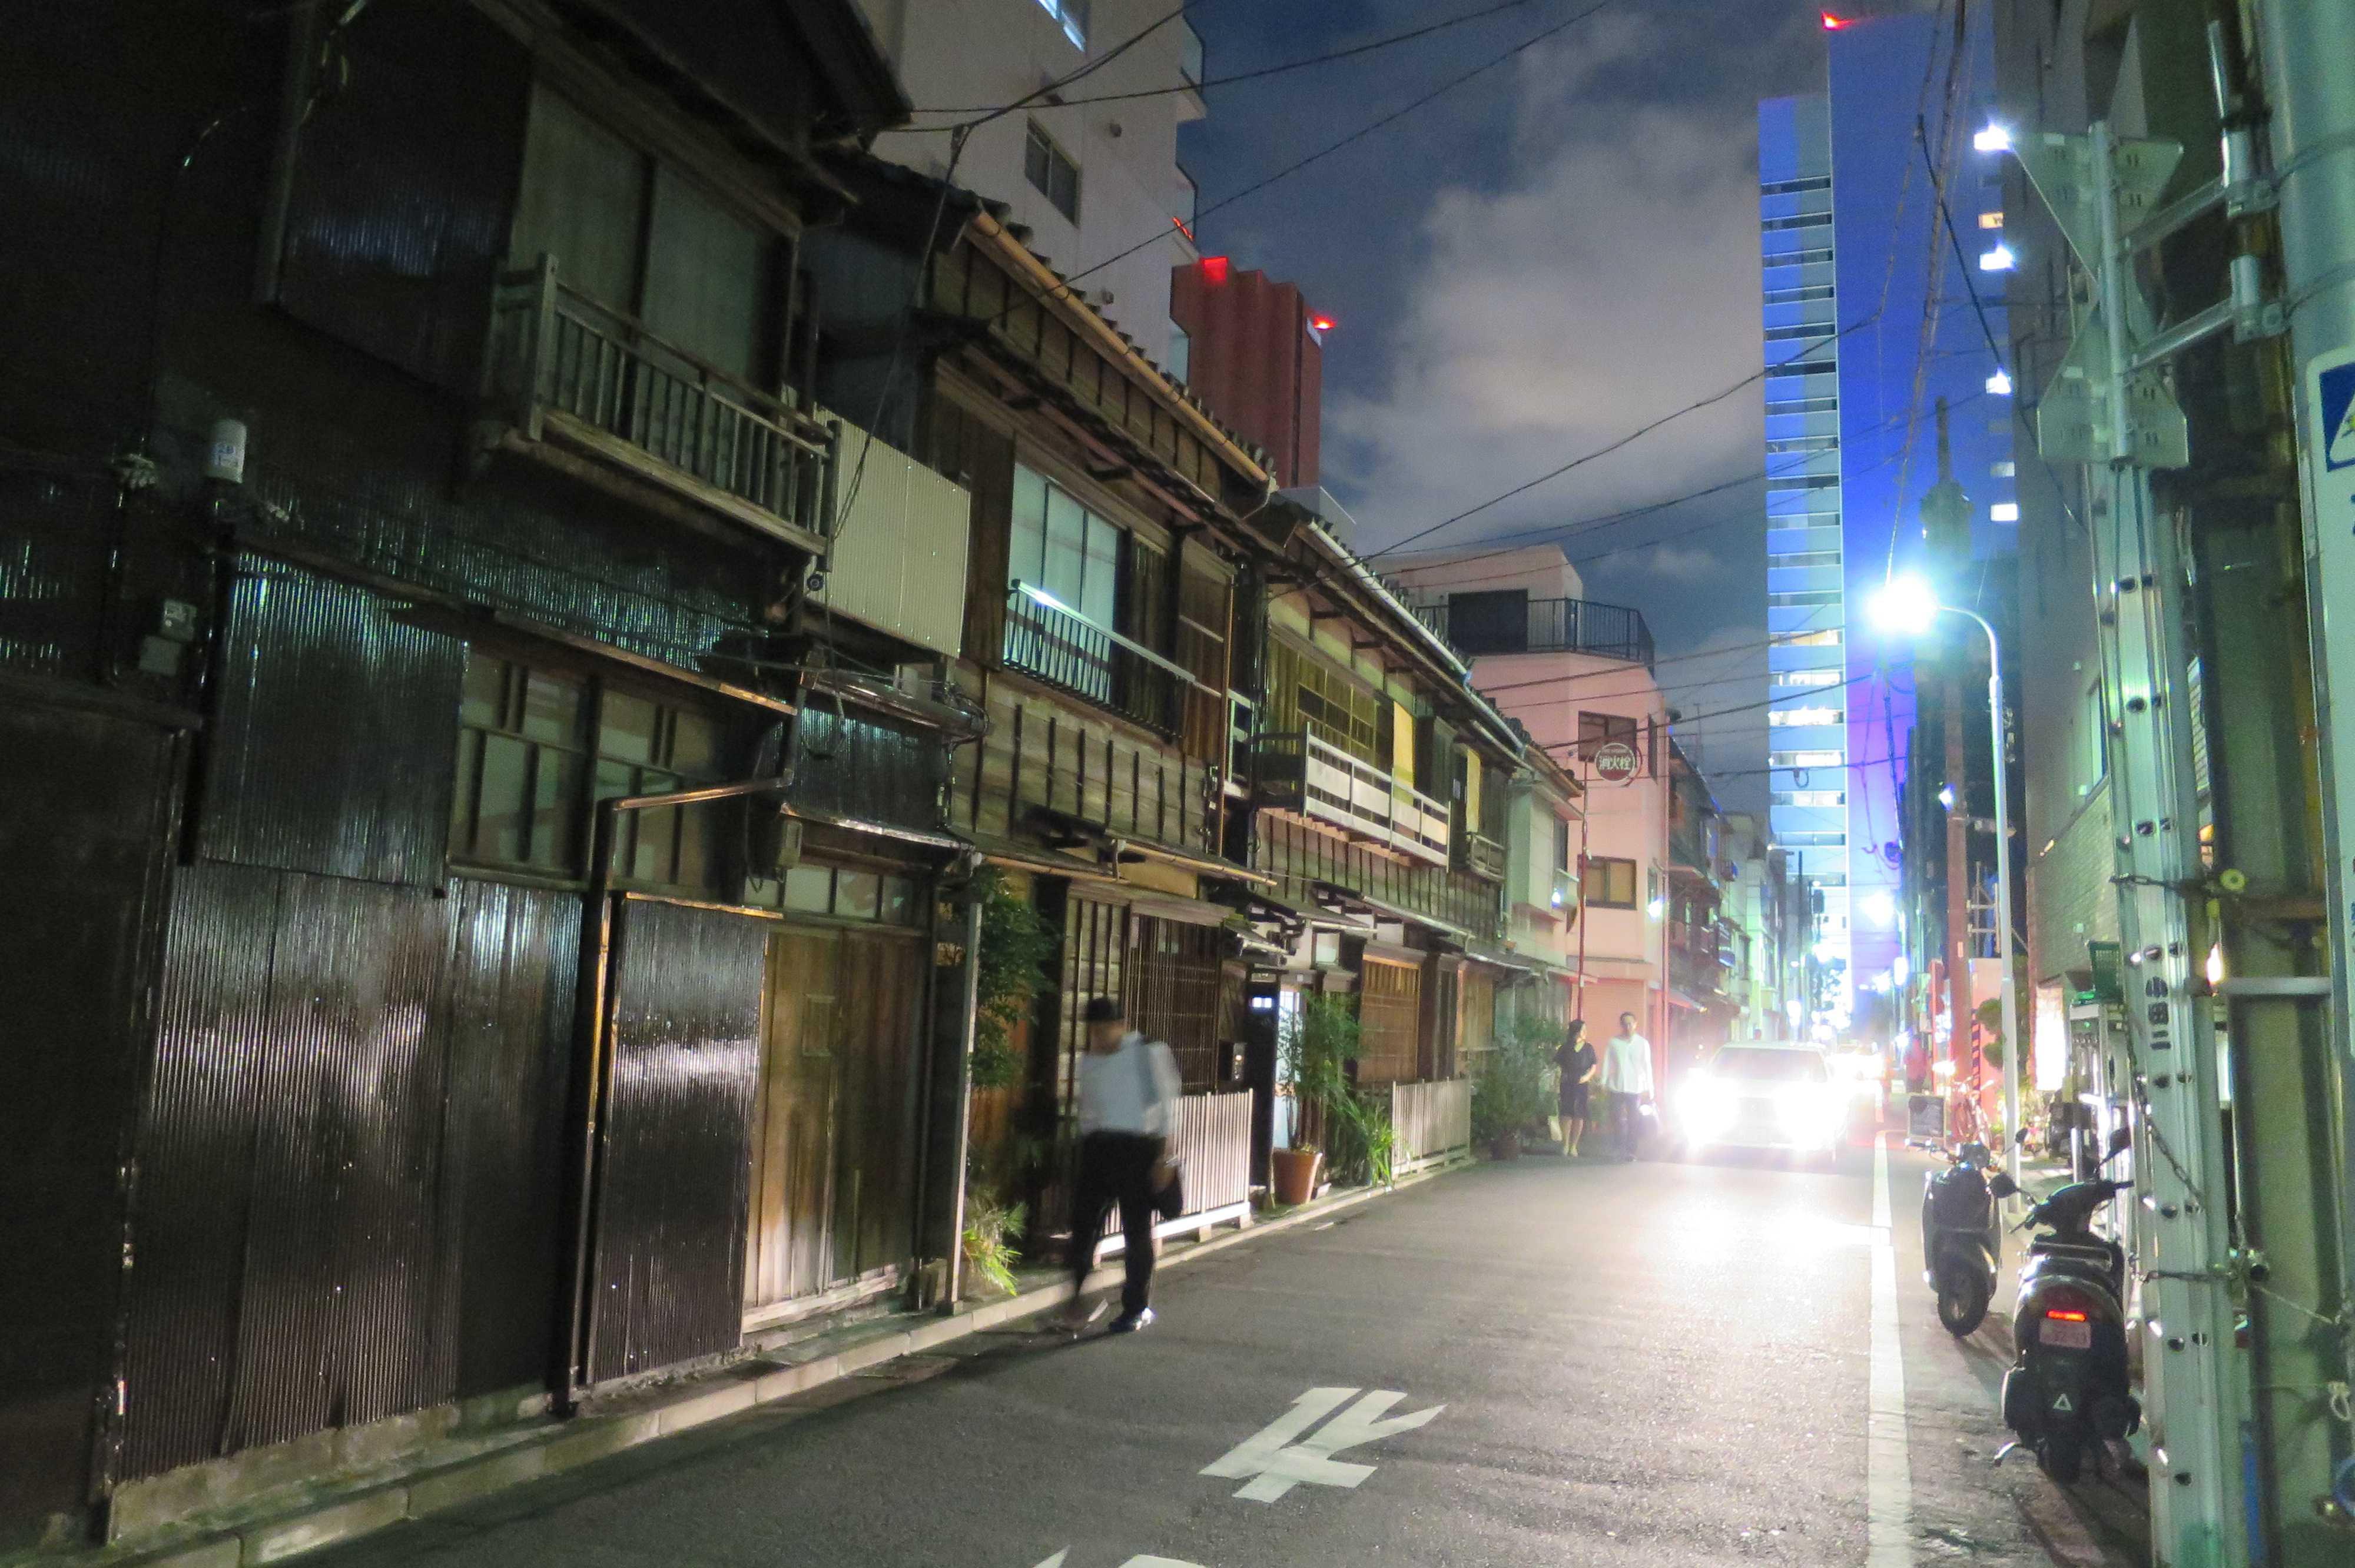 築地エリア - 危機遺産「東京都中央区築地の近代の木造建築群」